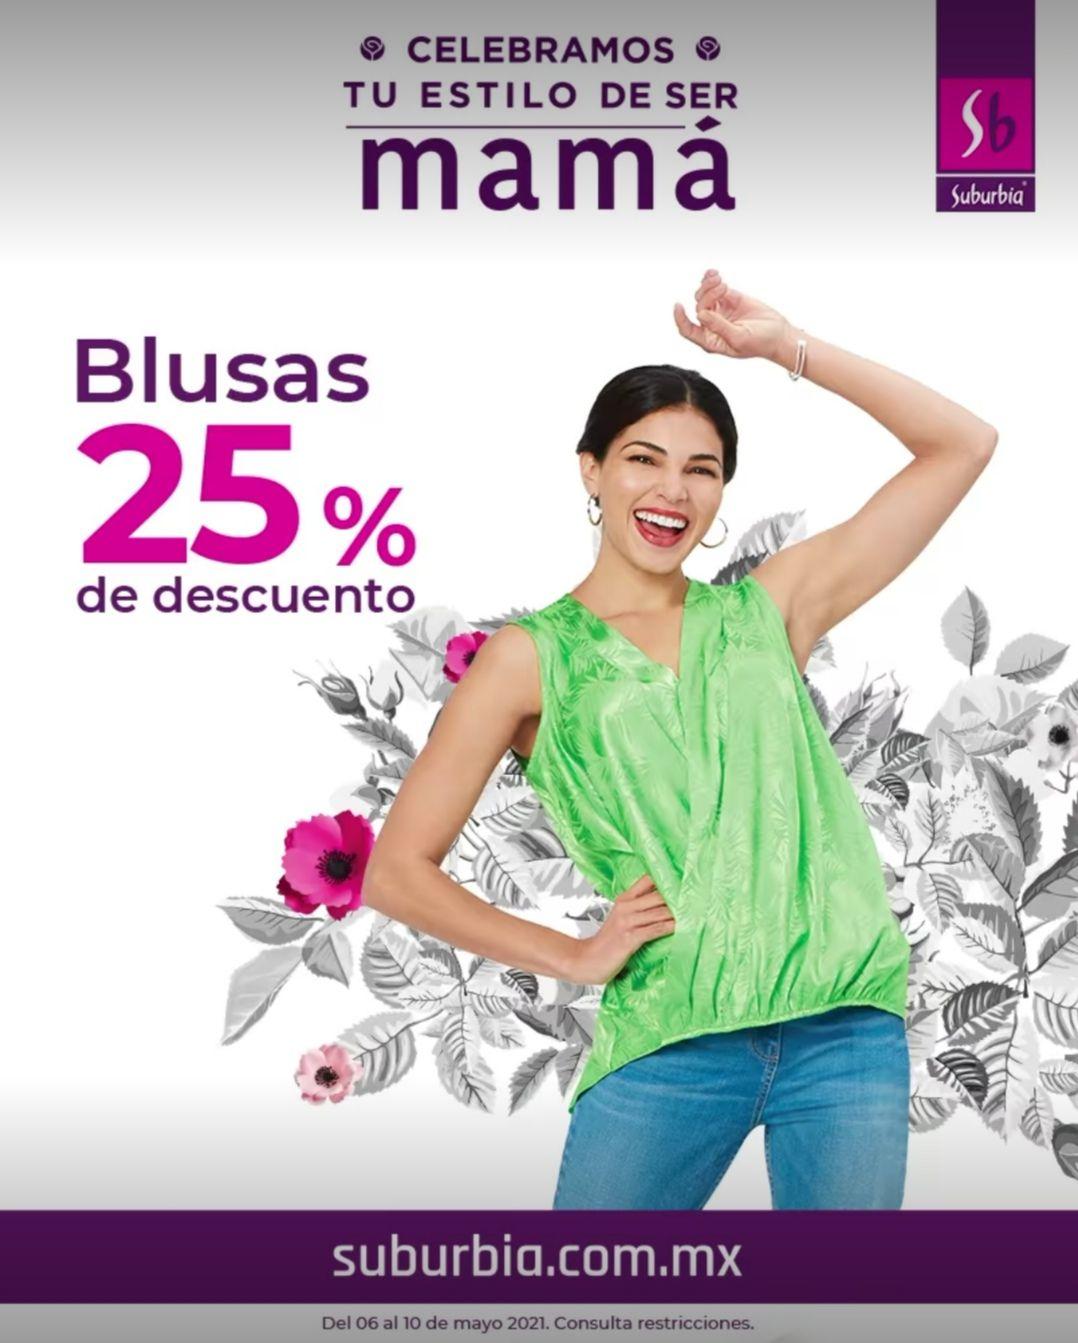 Suburbia: 25% de descuento en blusas, pantalones, bolsas, joyería y relojes para dama + hasta 9 MSI